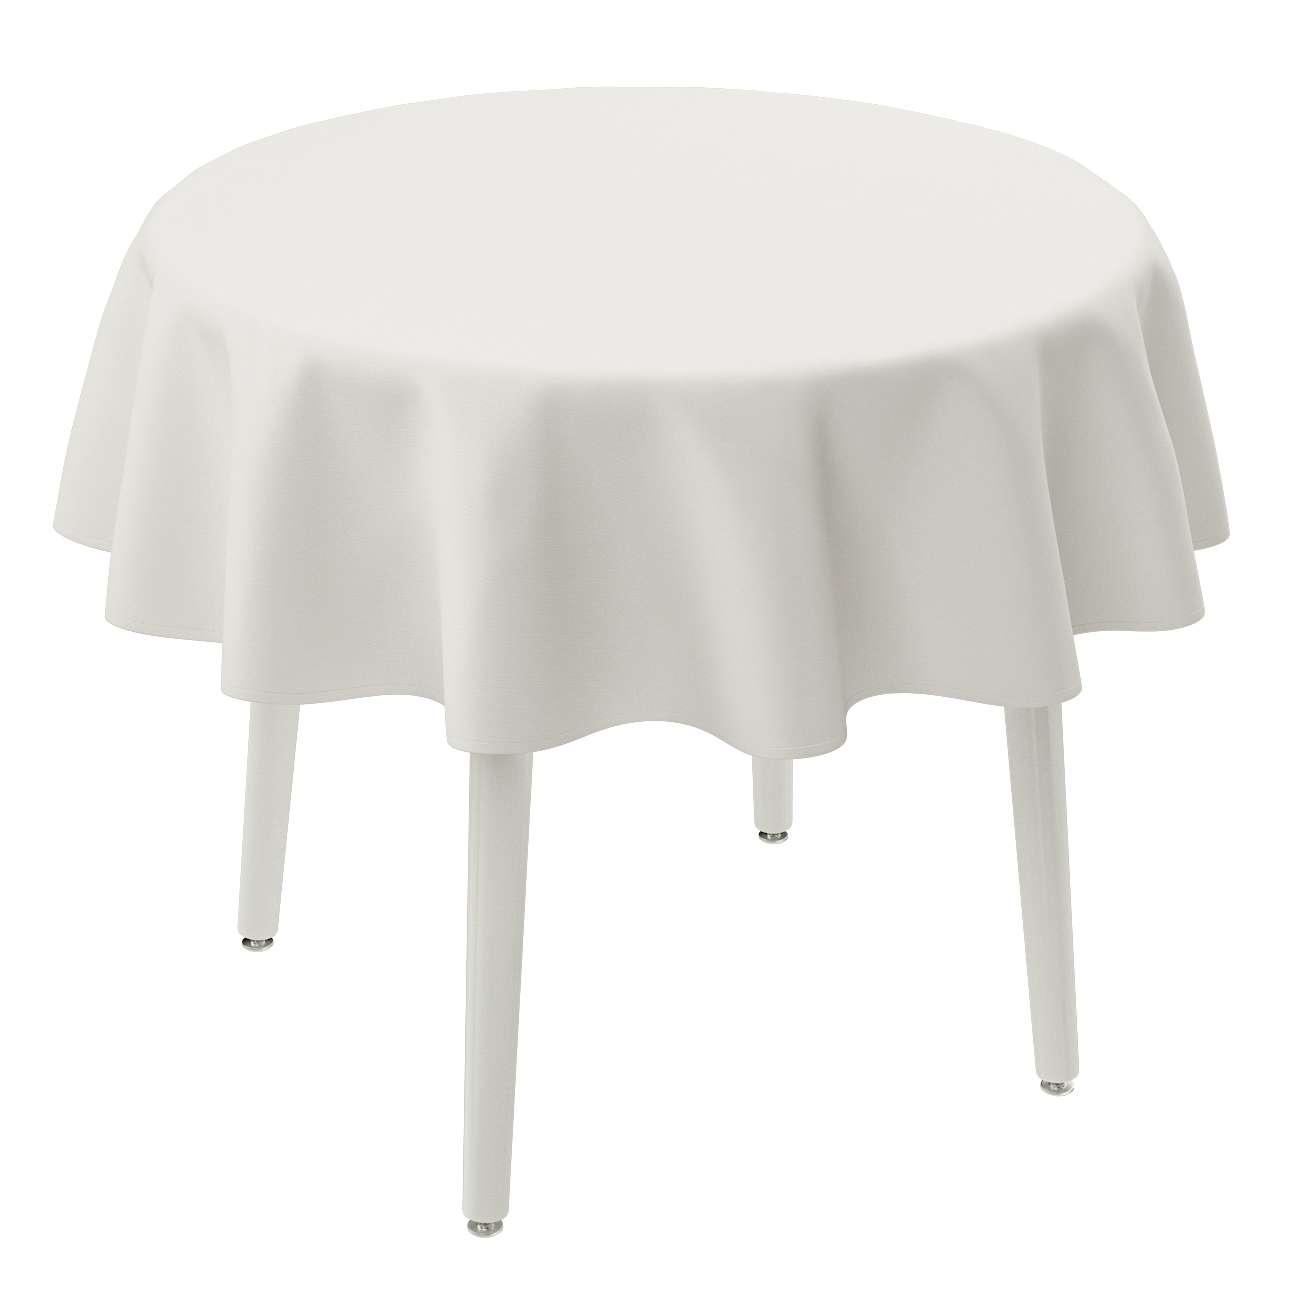 Runde Tischdecke Ø 135 cm von der Kollektion Cotton Panama, Stoff: 702-34